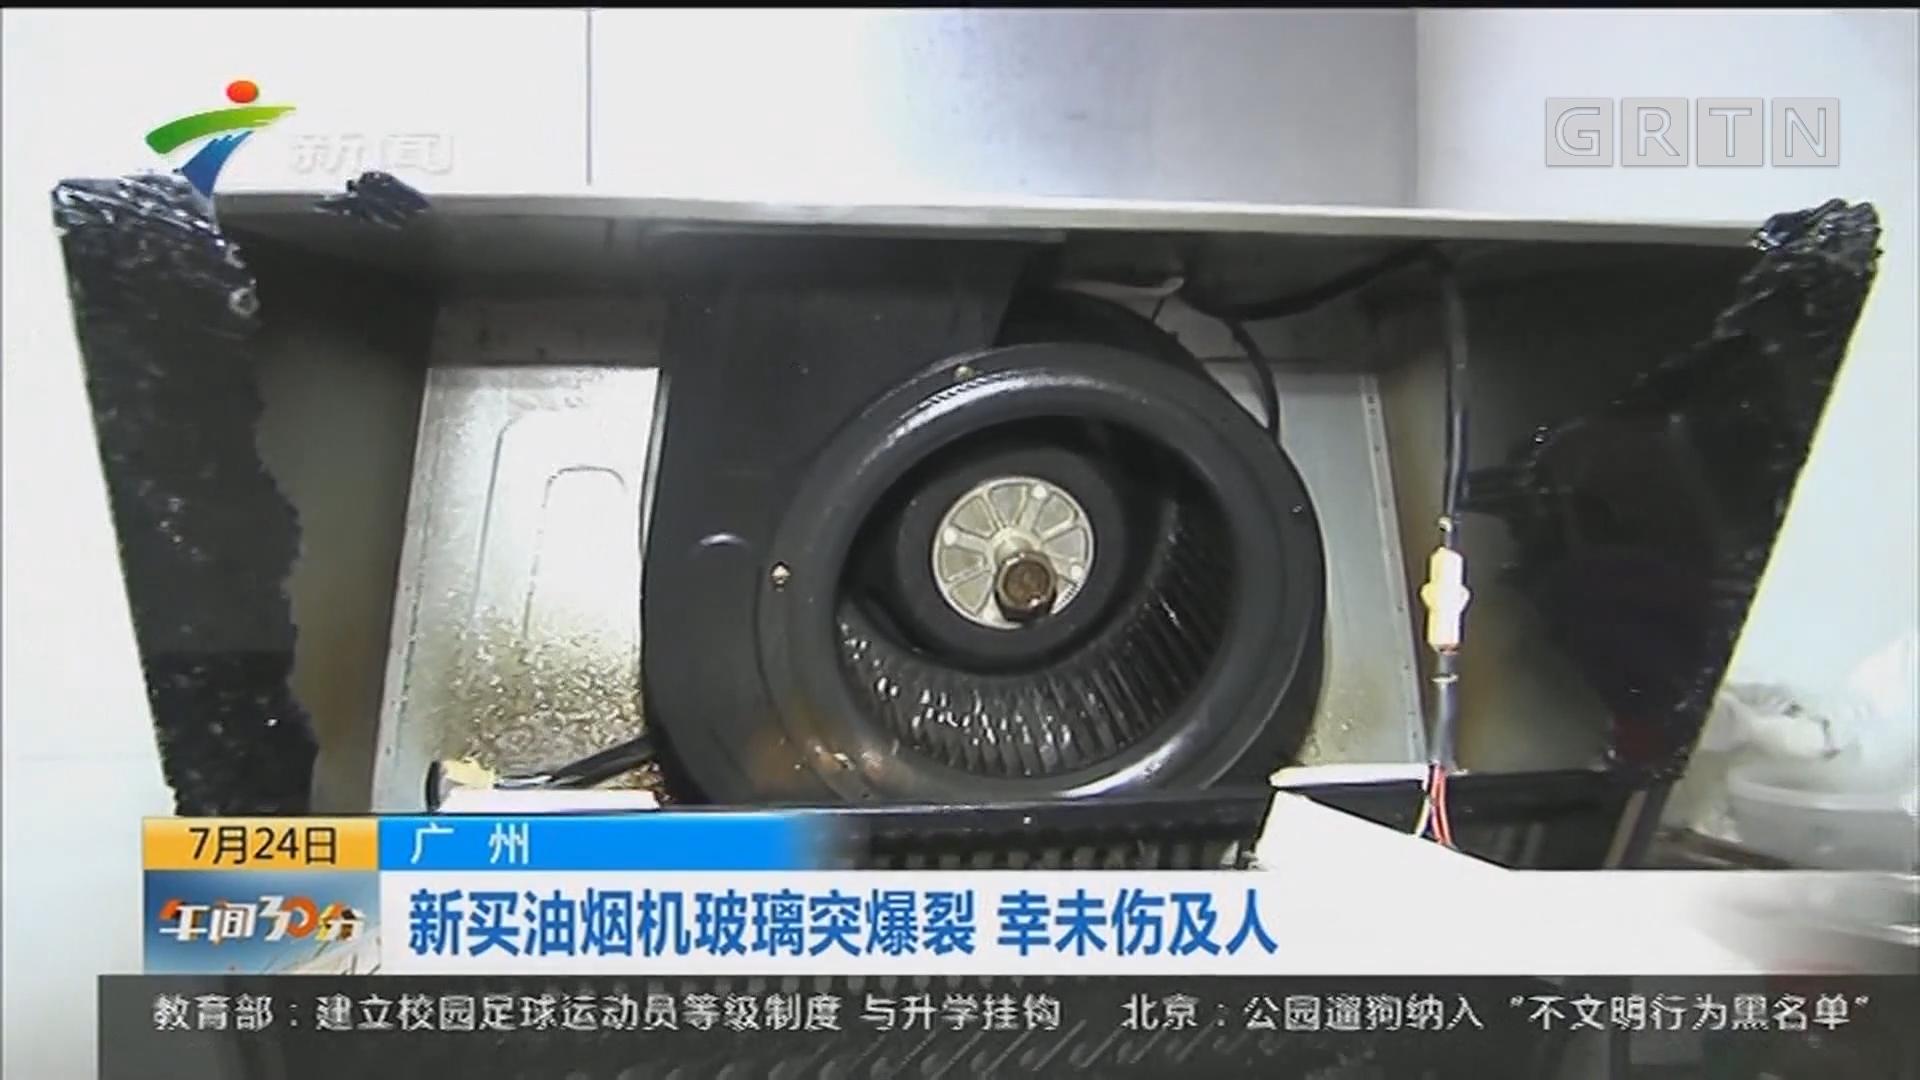 广州:新买油烟机玻璃突爆裂 幸未伤及人